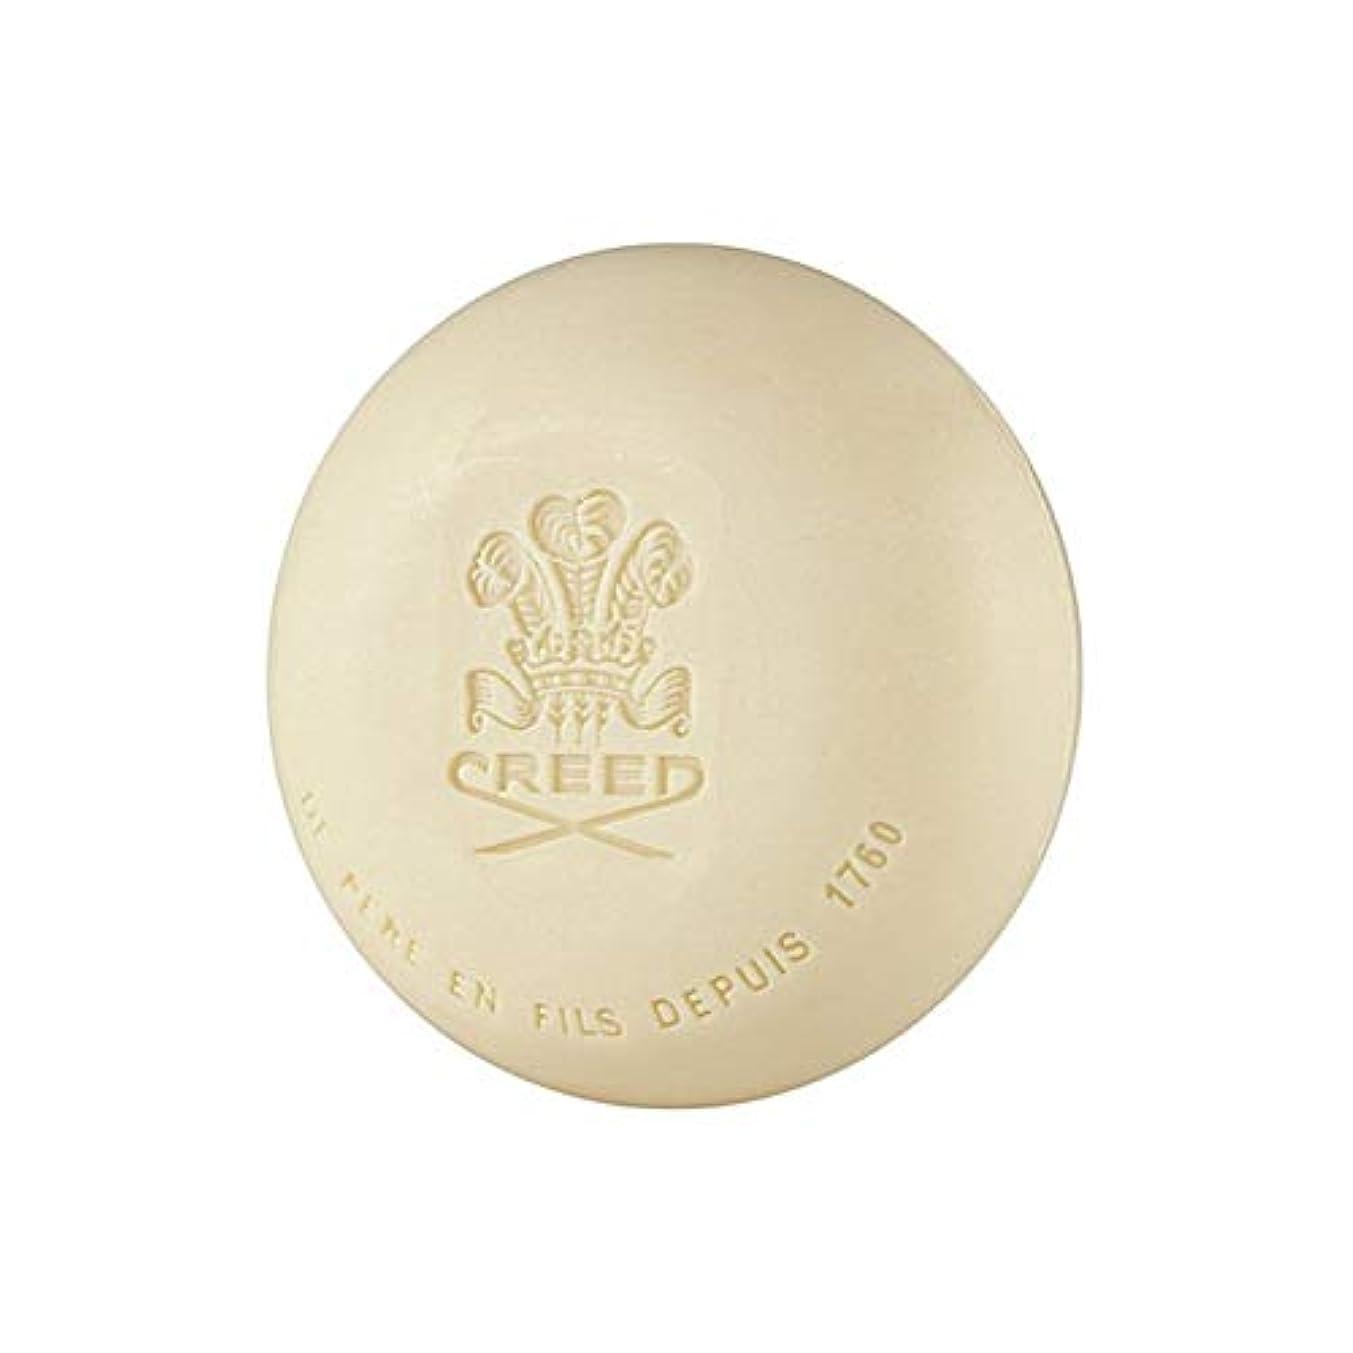 姿を消す食欲ピルファー[Creed ] 信条元サンタル石鹸150グラム - Creed Original Santal Soap 150G [並行輸入品]